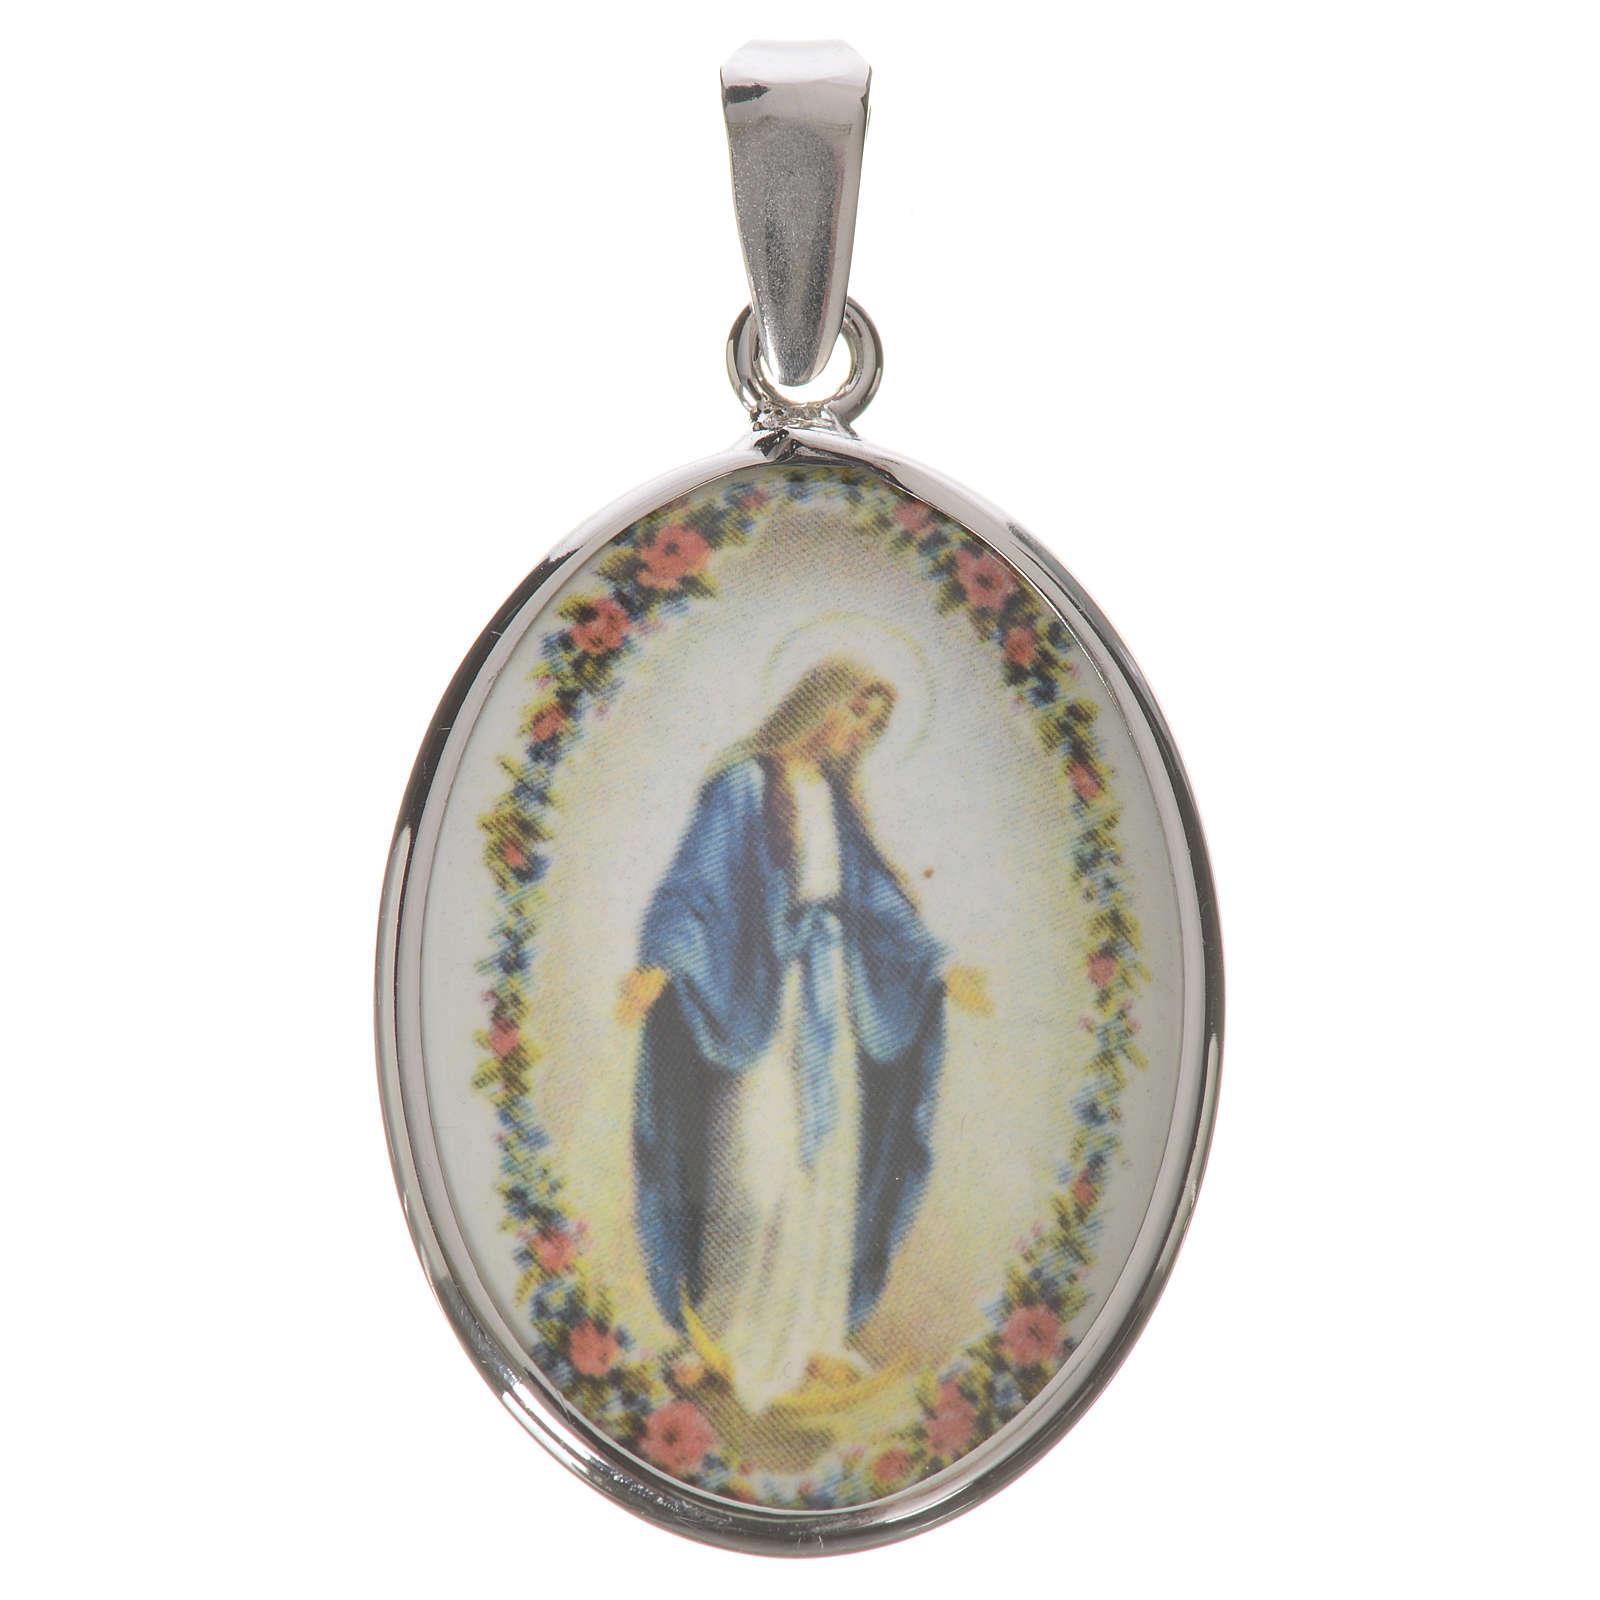 Medalla ovalada de plata, 27mm Nuestra Señora Milagrosa 4